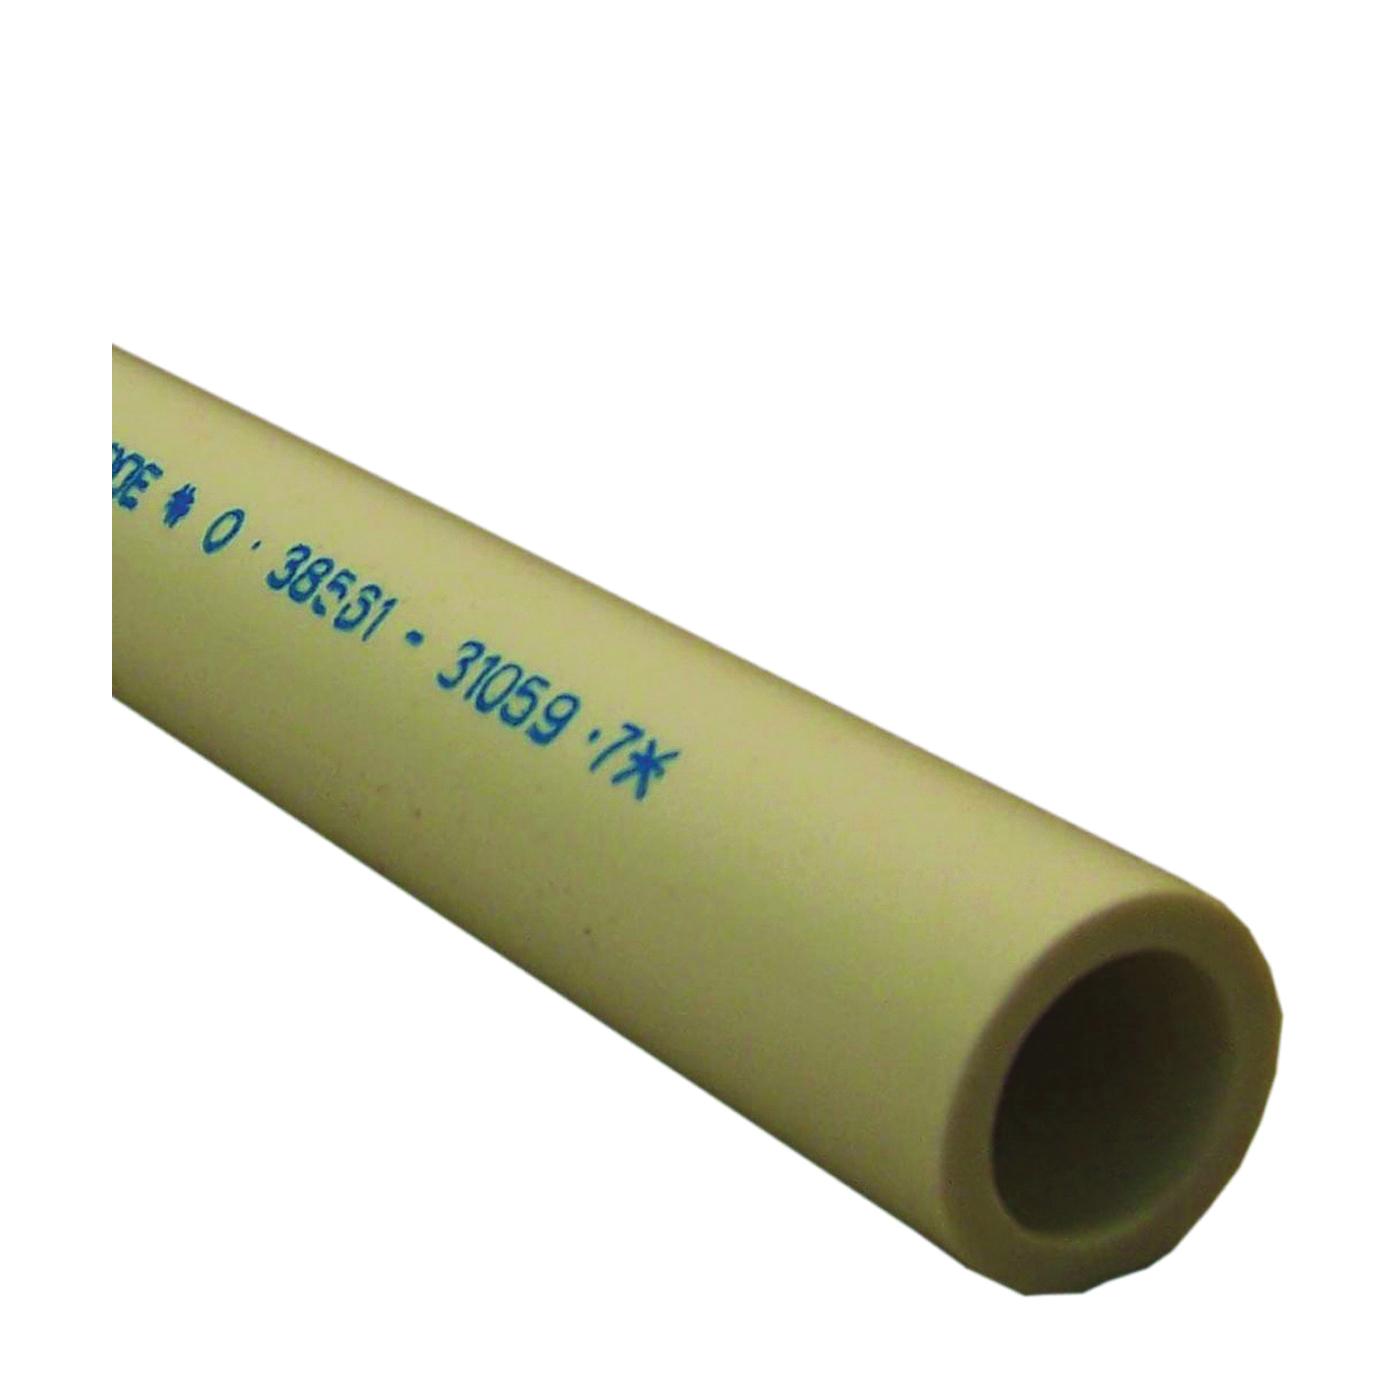 Picture of GENOVA 300 Series 310117 Pressure Pipe Plain, 10 ft L, Plain, SCH 40 Schedule